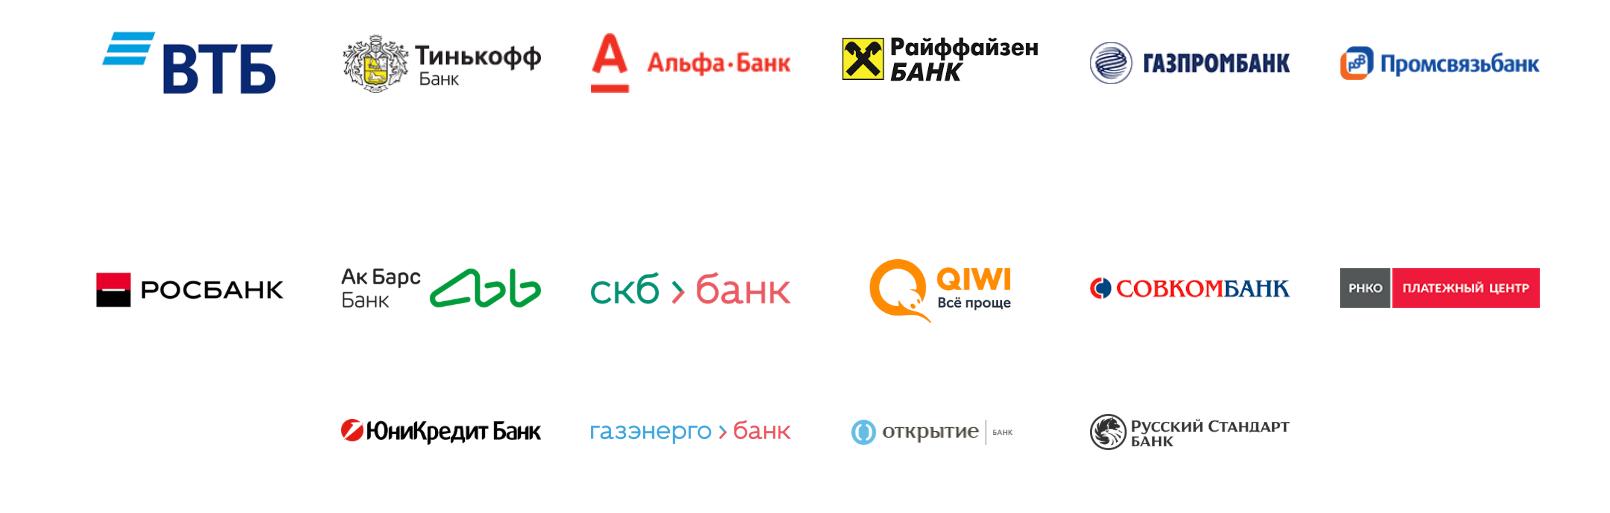 В систему денежных переводов ЦБ могут включить платежи наличными